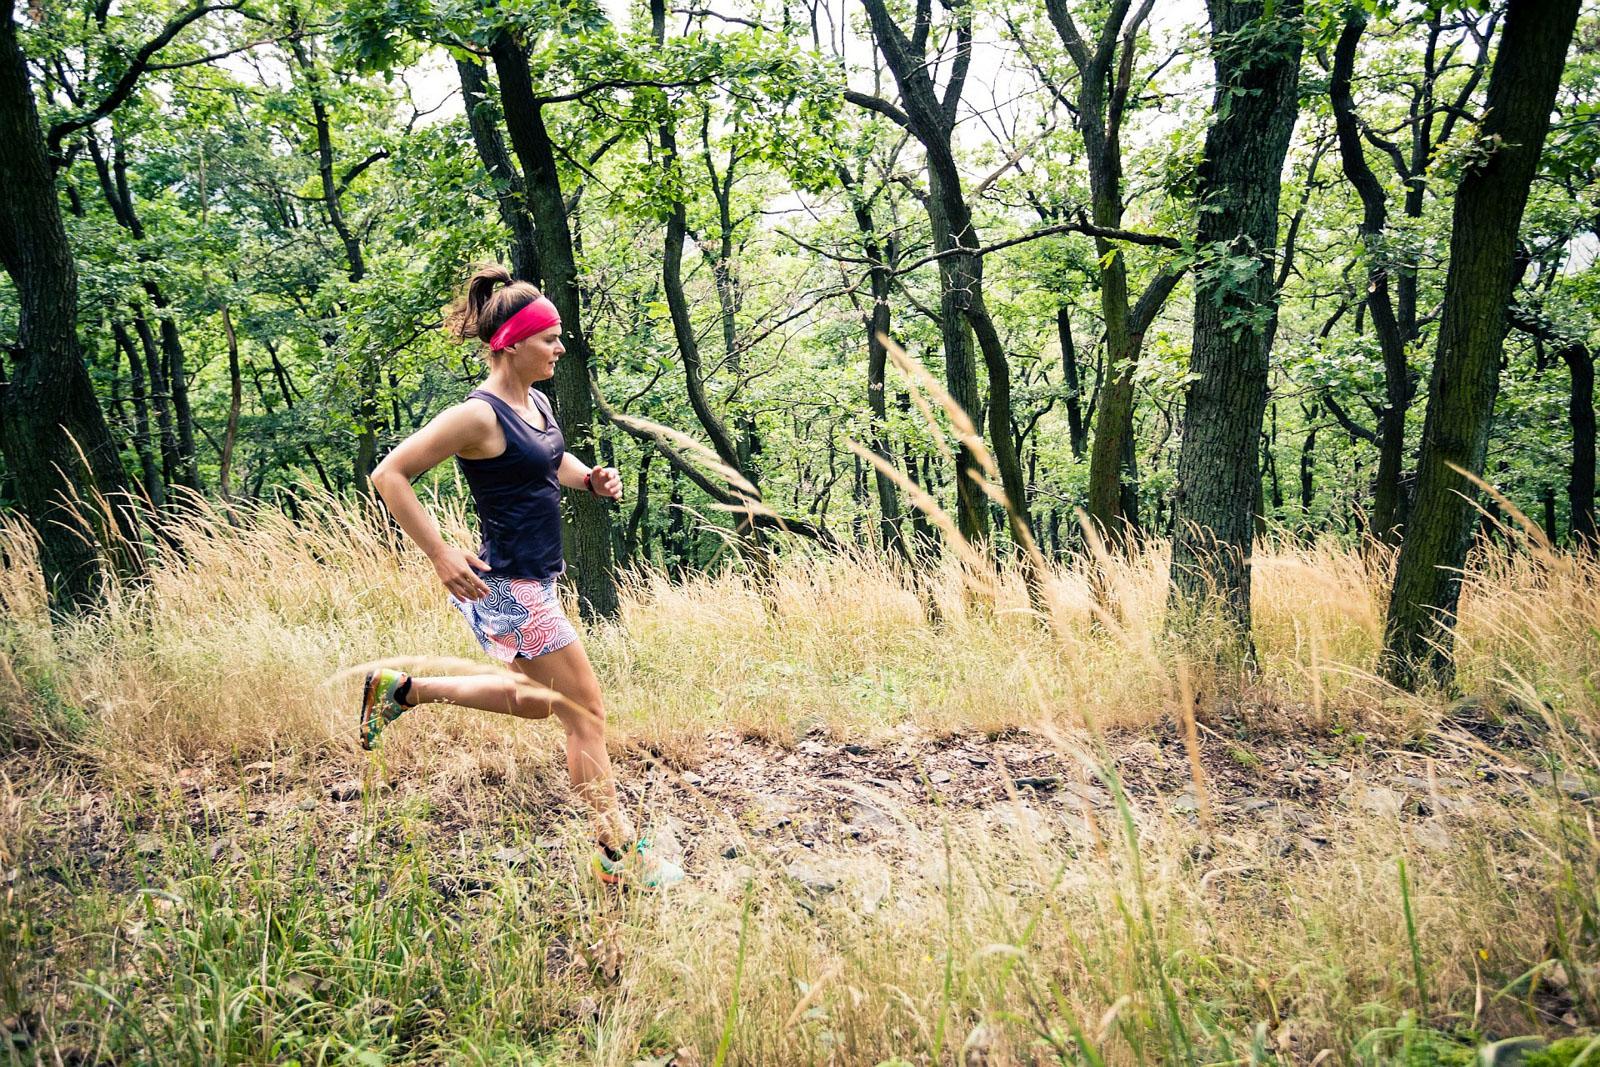 Ślęża, bieganie, trening, biegaczka